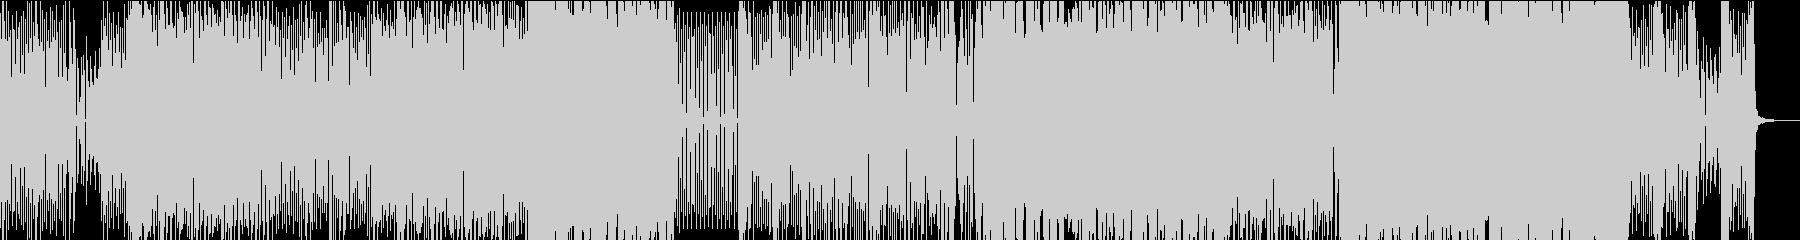 ダークな雰囲気のEDM BGMの未再生の波形